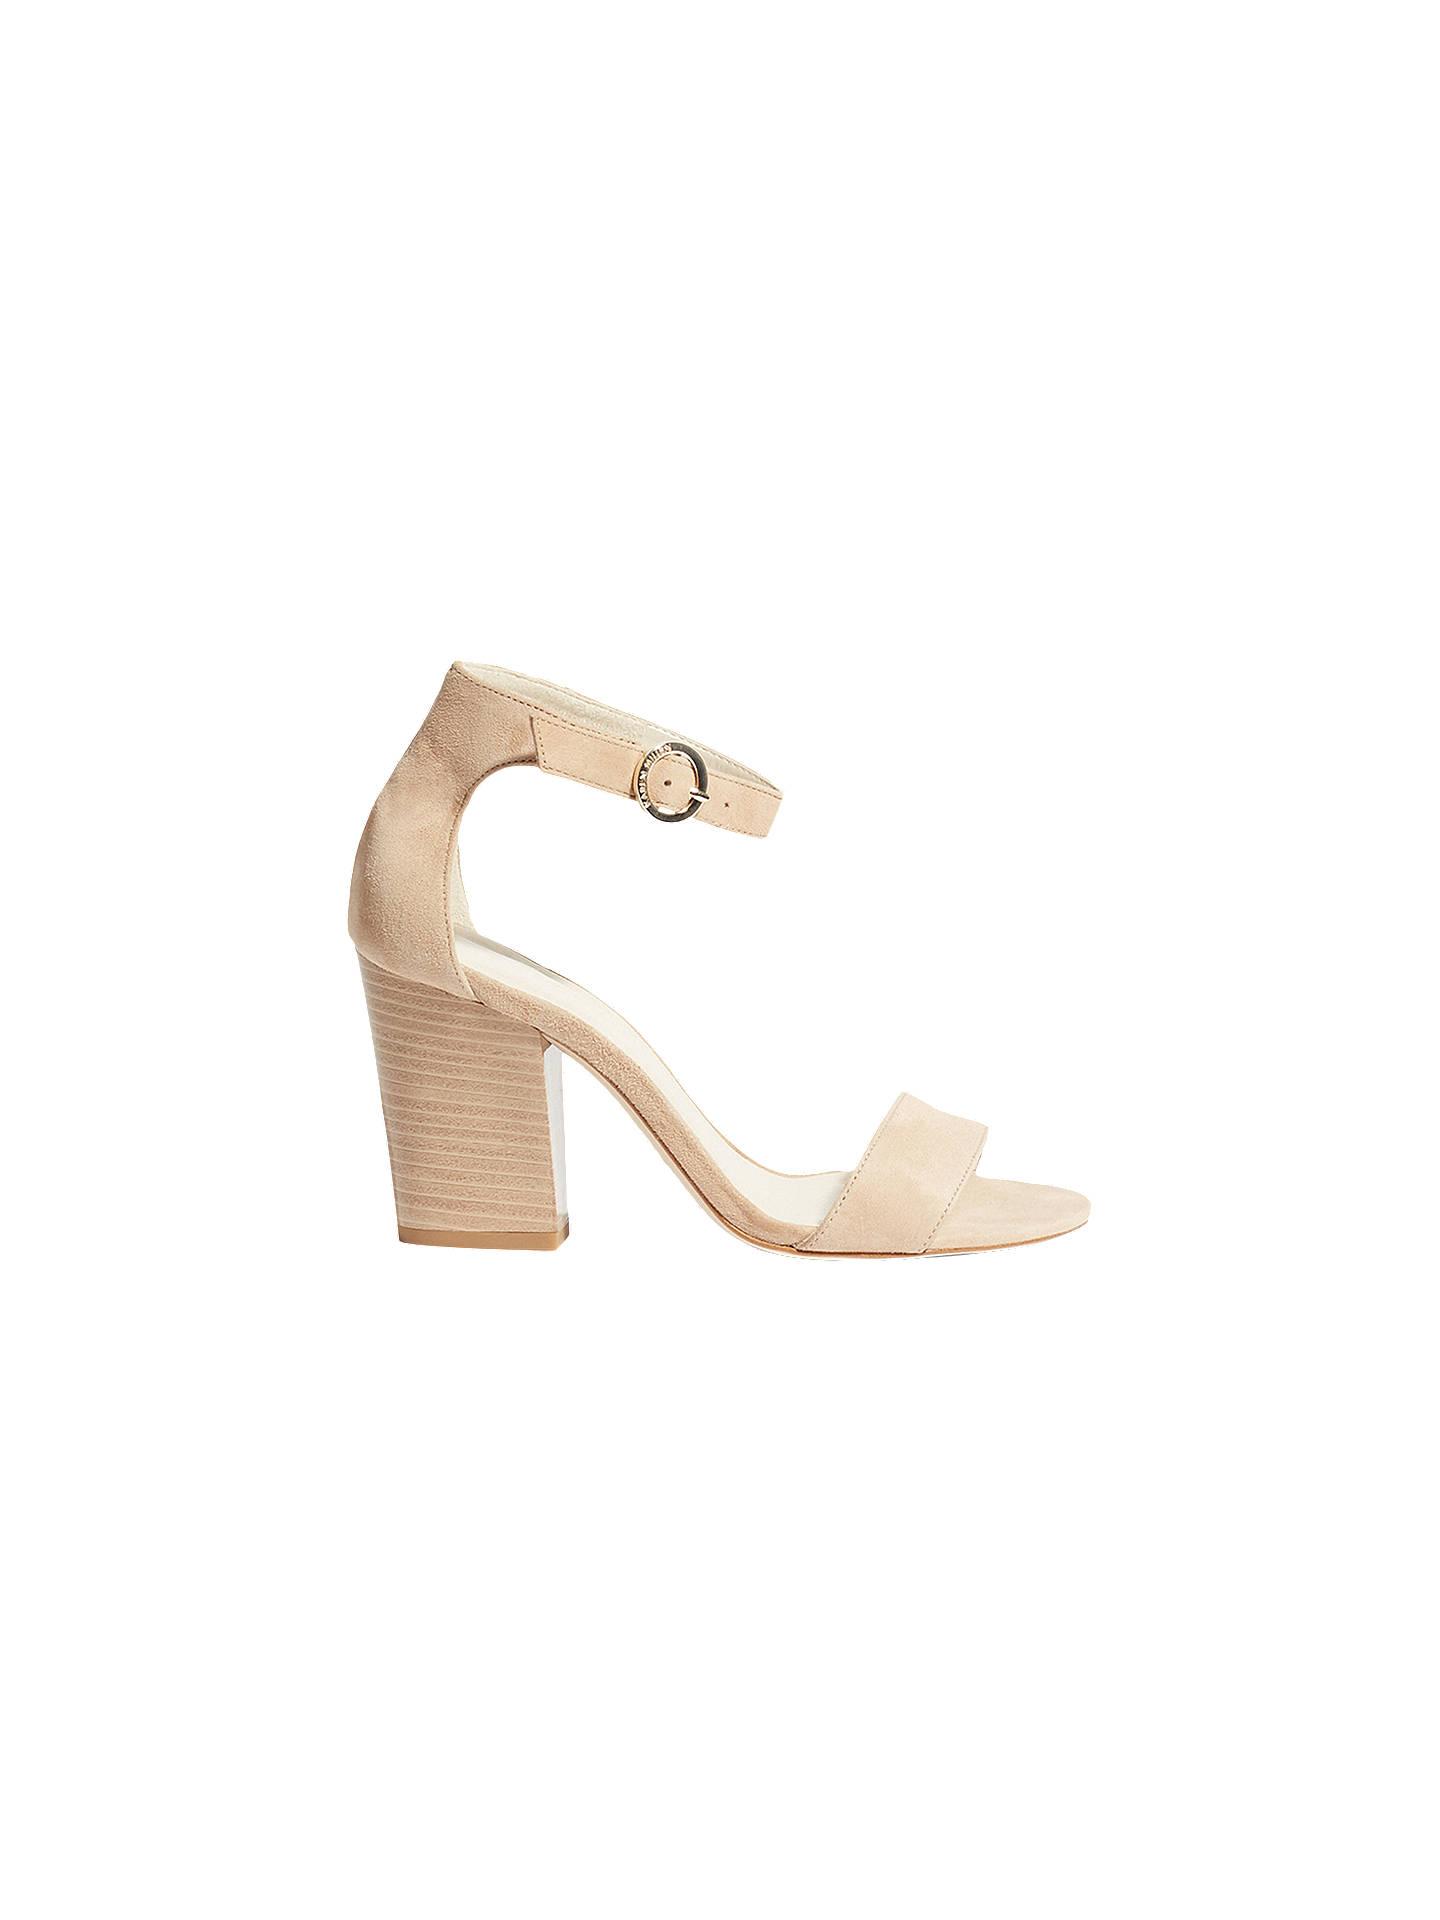 e95c0780b80 Karen Millen Open Toe Block Heel Sandals at John Lewis   Partners